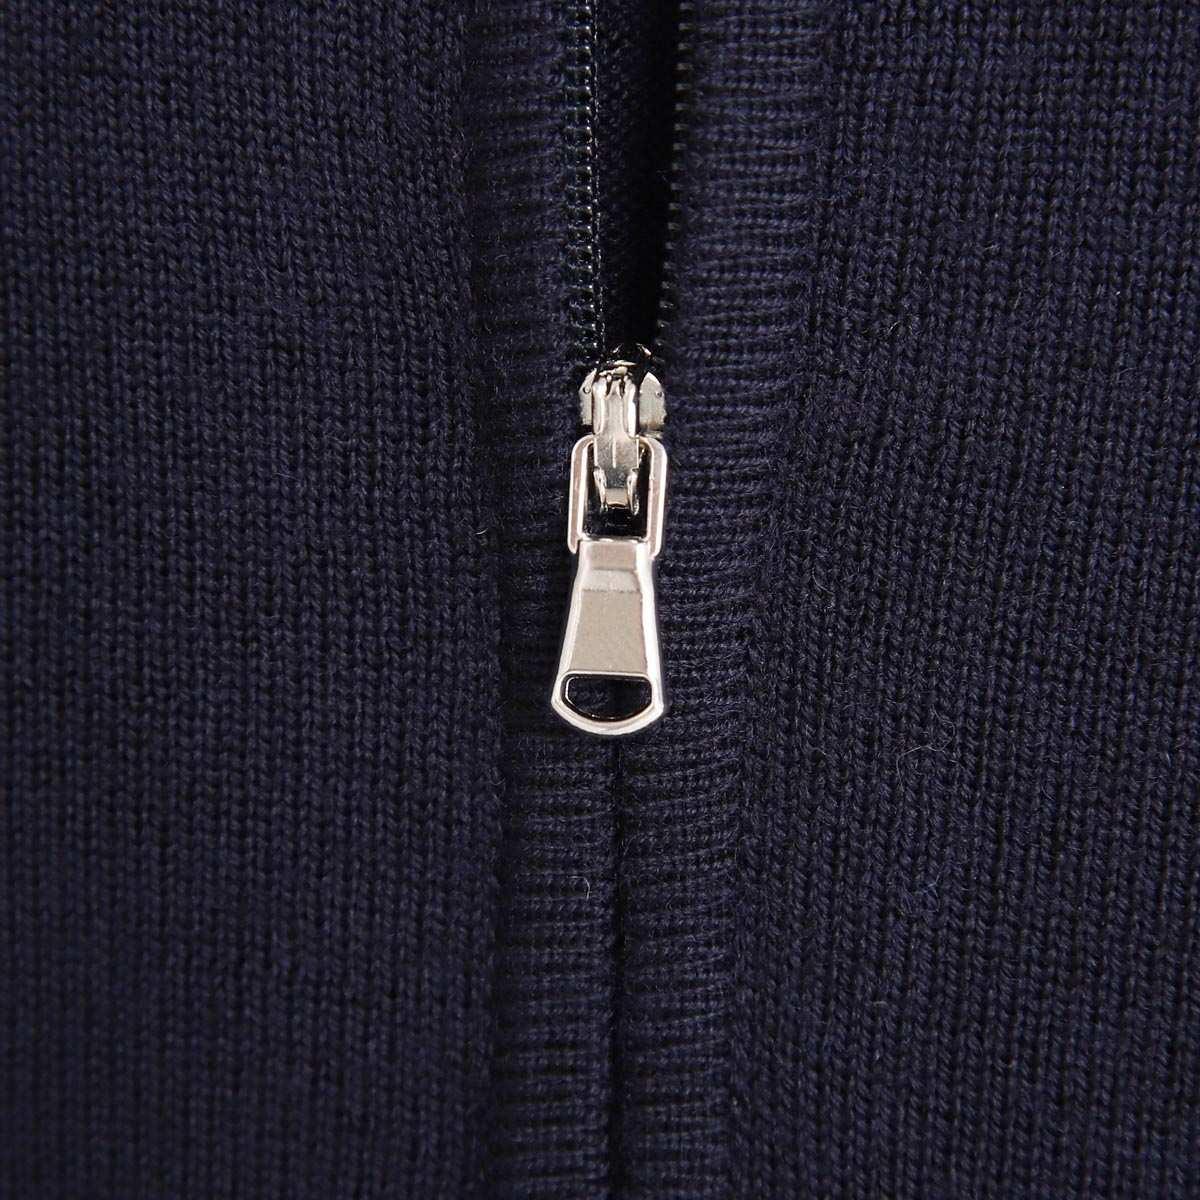 【アウトレット】HERITAGE ヘリテージ ハーフジップ セーター【大きいサイズあり】 メンズ